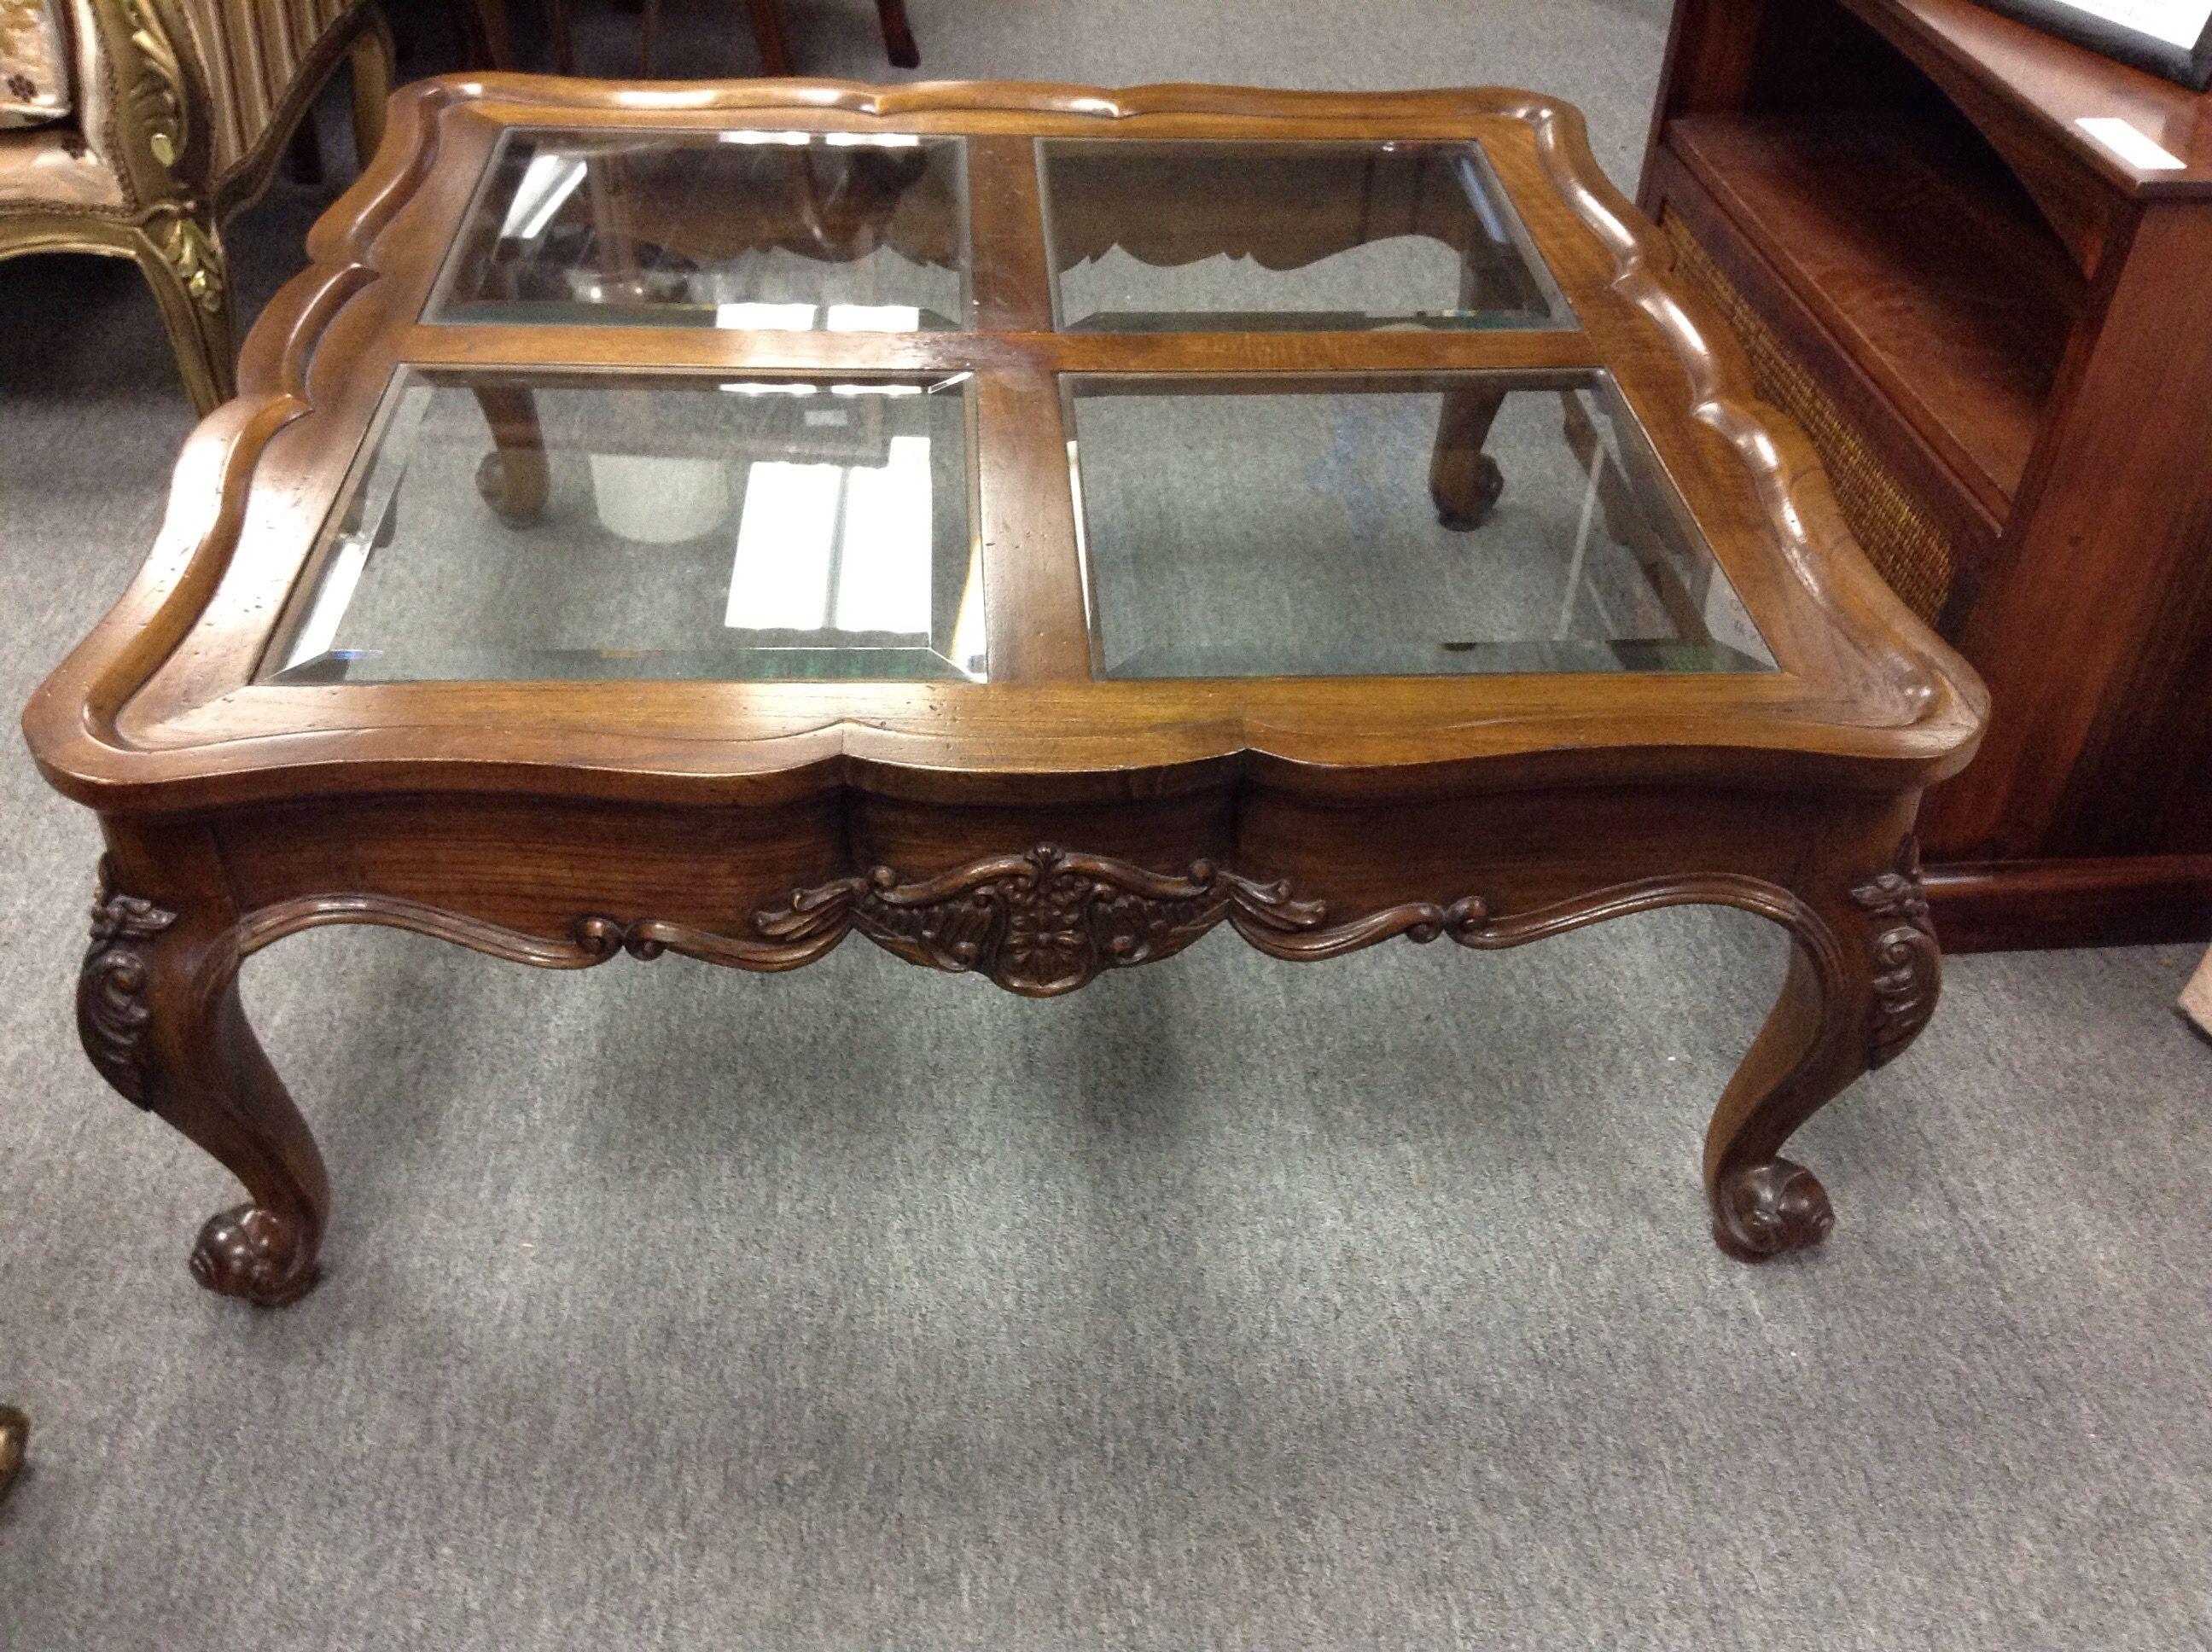 Oak Coffee Table Oak Coffee Table Coffee Table Table [ 1936 x 2592 Pixel ]